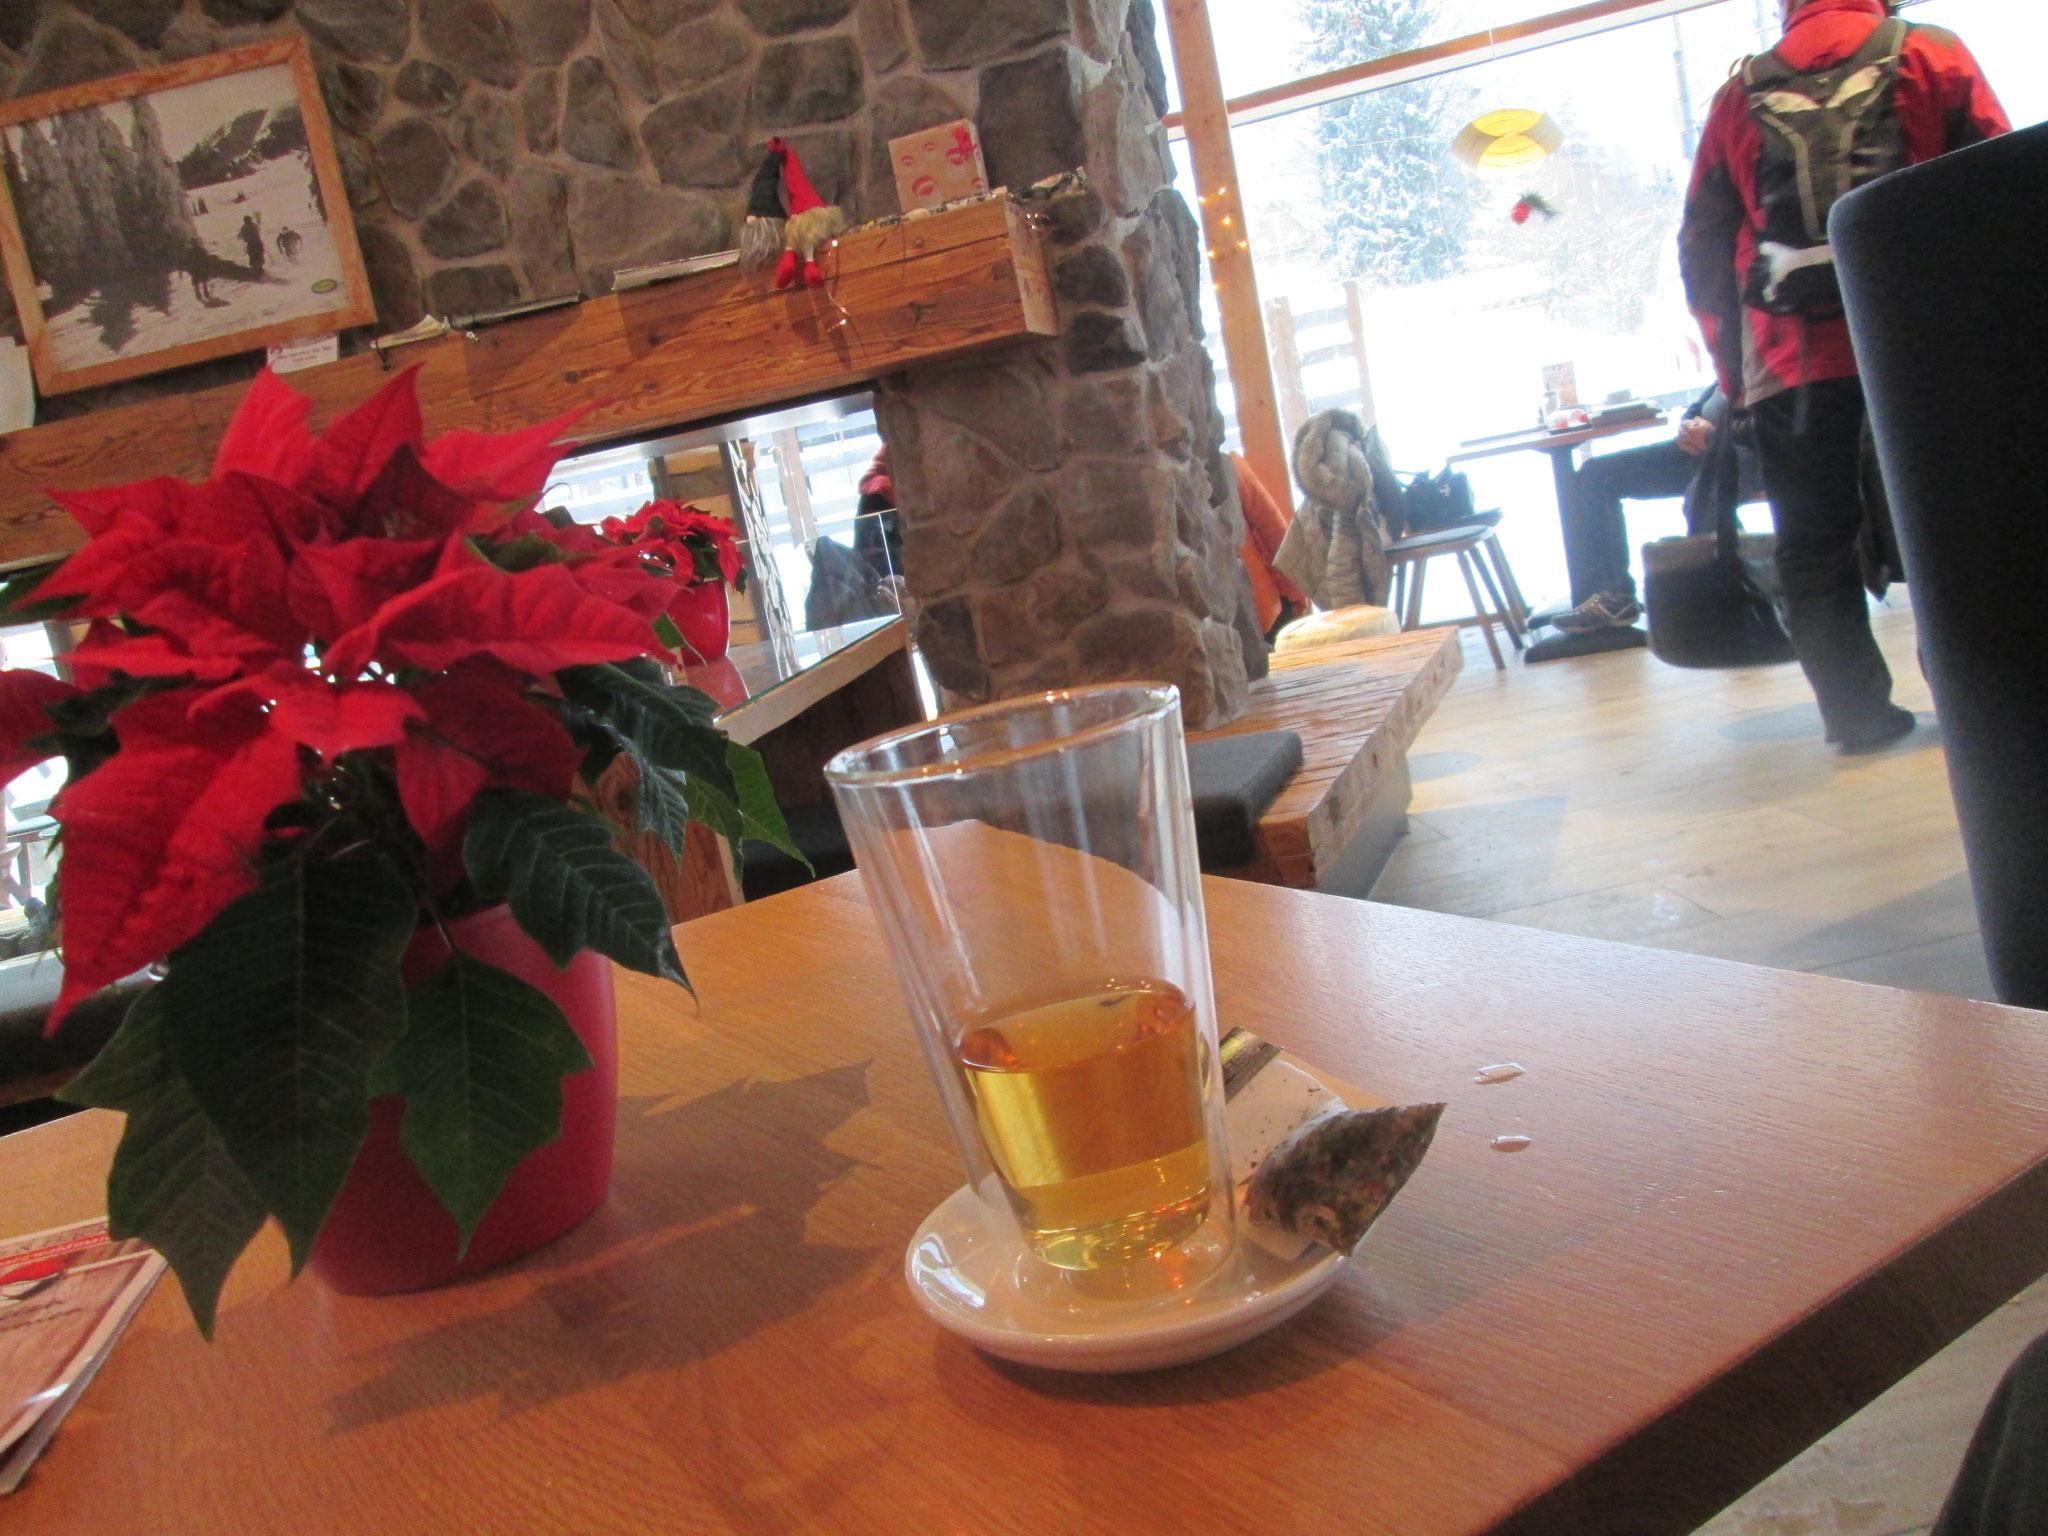 Während ich einen Tee genieße, beobachte ich, wie die Bäckerei-Kunden ihre Neujahrsbrezeln bestellen